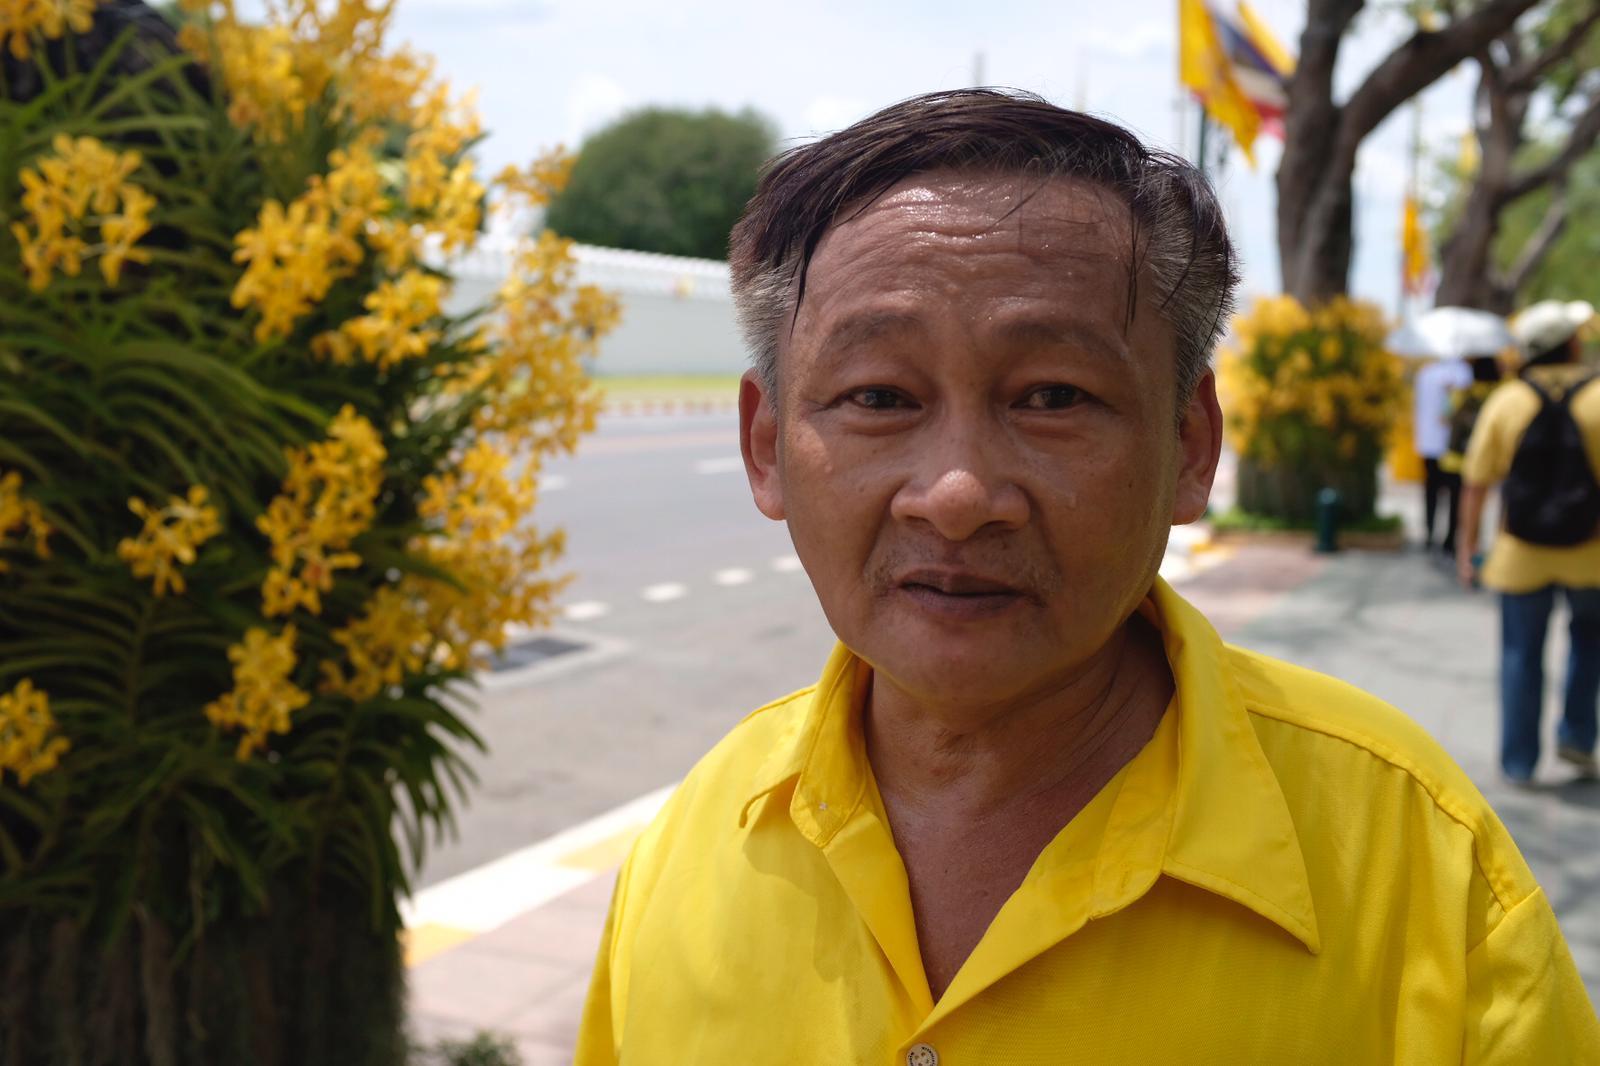 Chalermpan Rangsriman